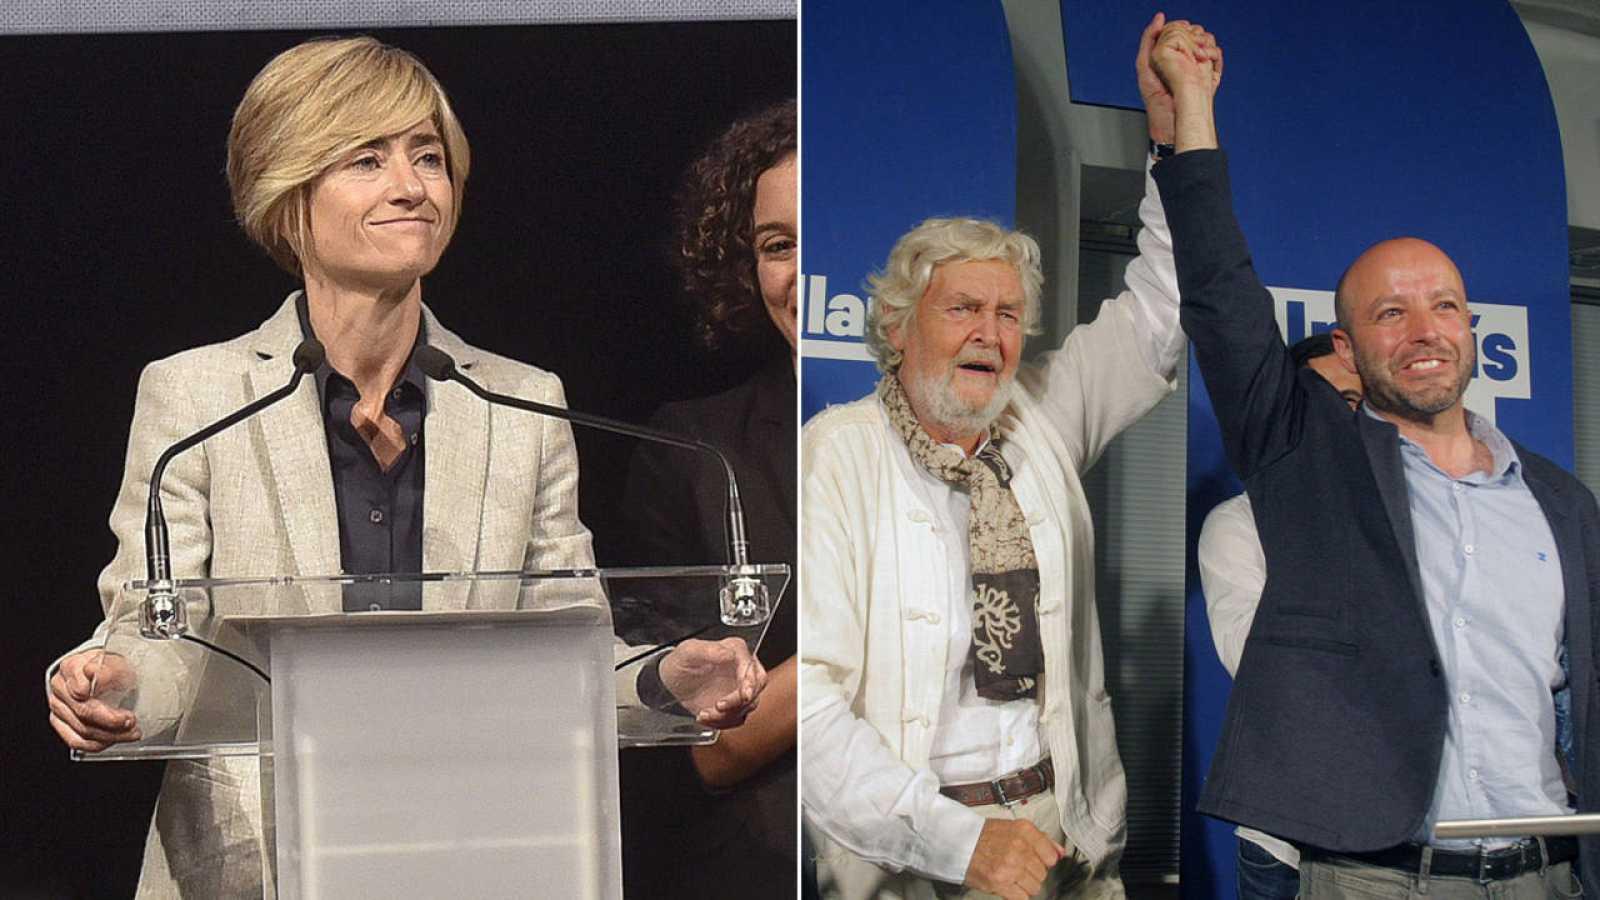 La candidata a lehendakari de Elkarrekin Podemos, Pili Zabala (I) y el candidato de En Marea a la presidencia de la Xunta gallega, Luis Villares (D) junto a Xosé Manuel Beiras(C).